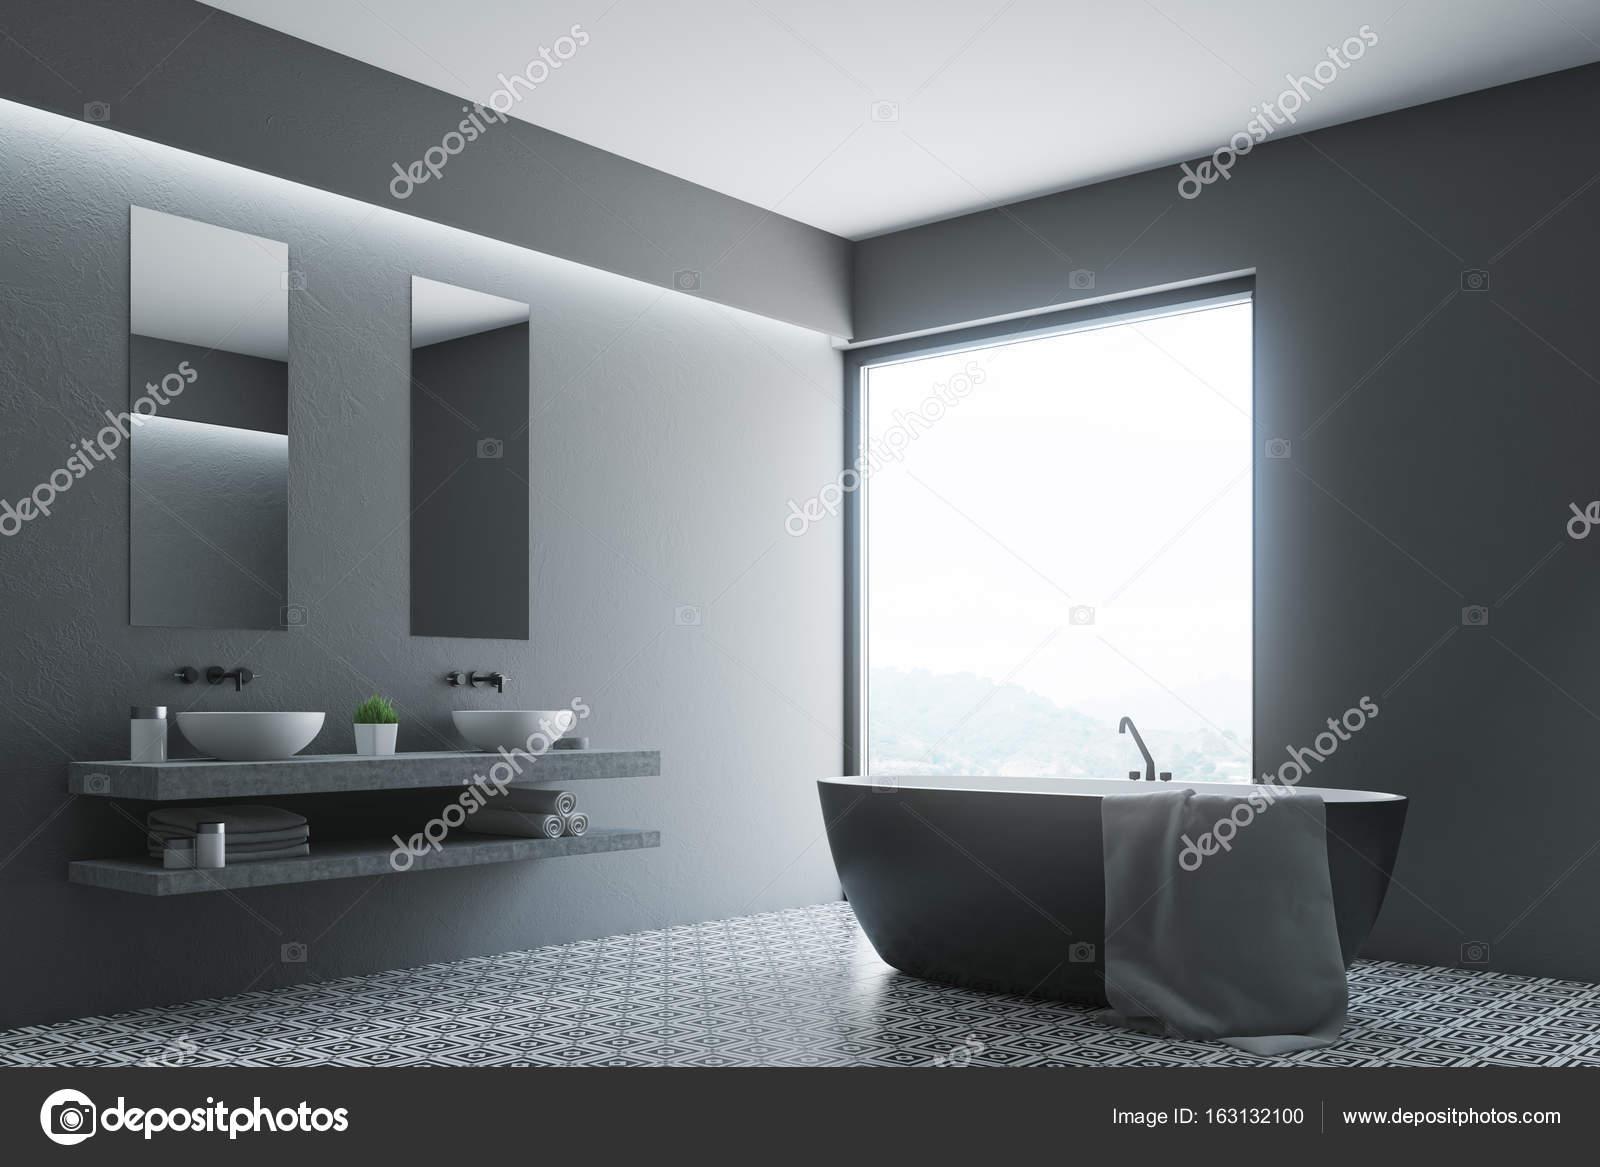 Bagno grigio rotonda vasca angolo poster foto stock - Vasca da bagno grigia ...